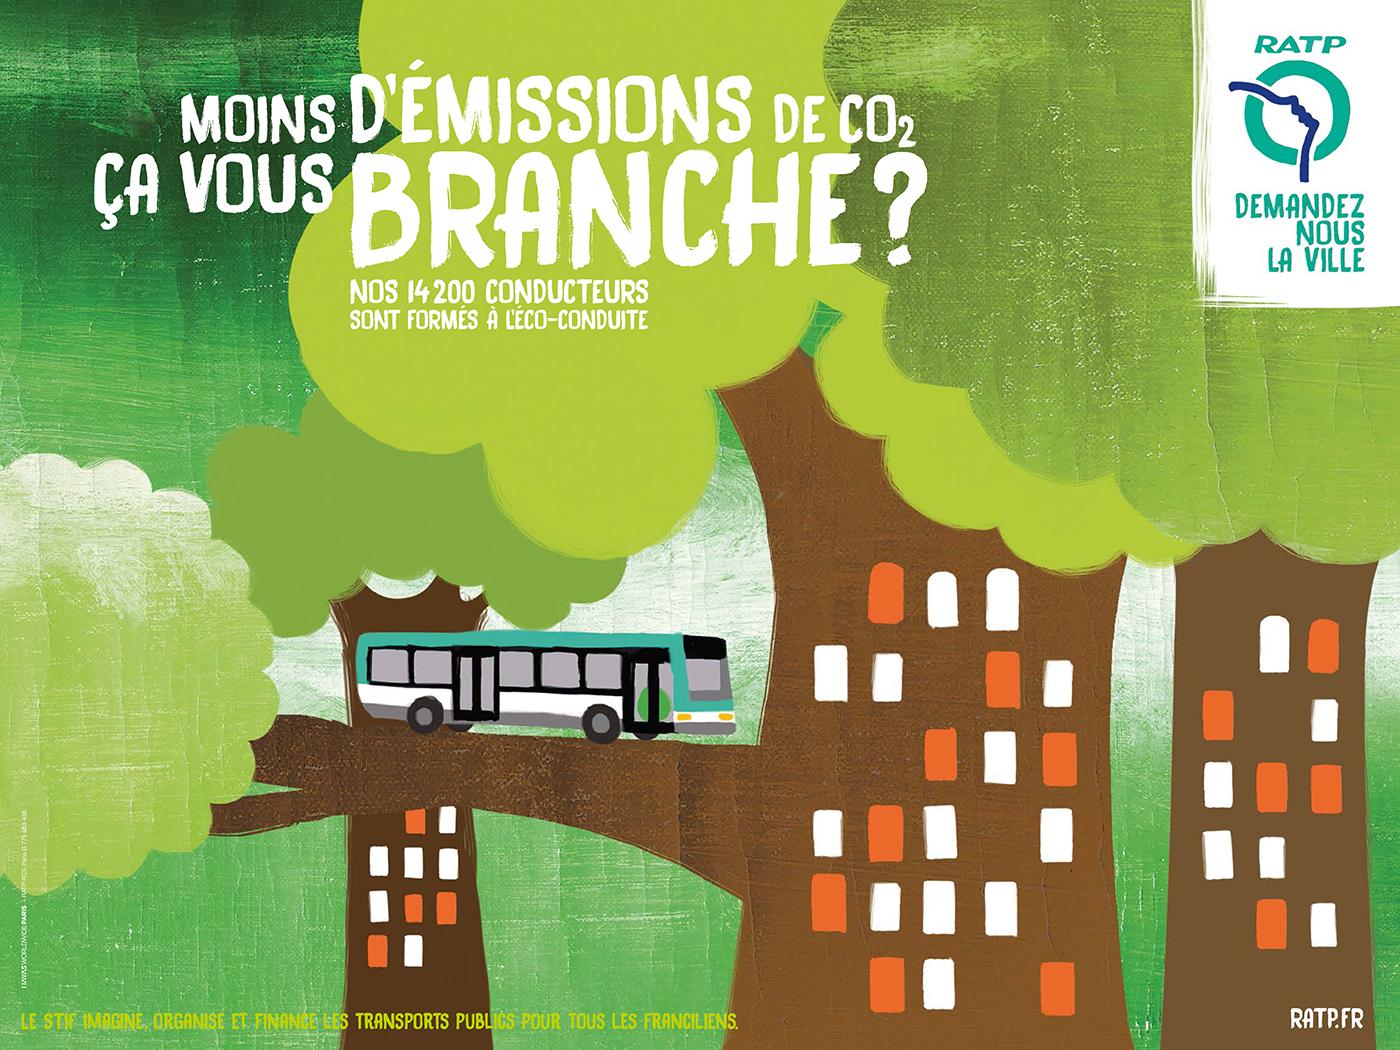 ratp-publicite-affichage-environnement-COP21-STIF-franciliens-demandez-nous-la-ville-agence-havas-paris-4